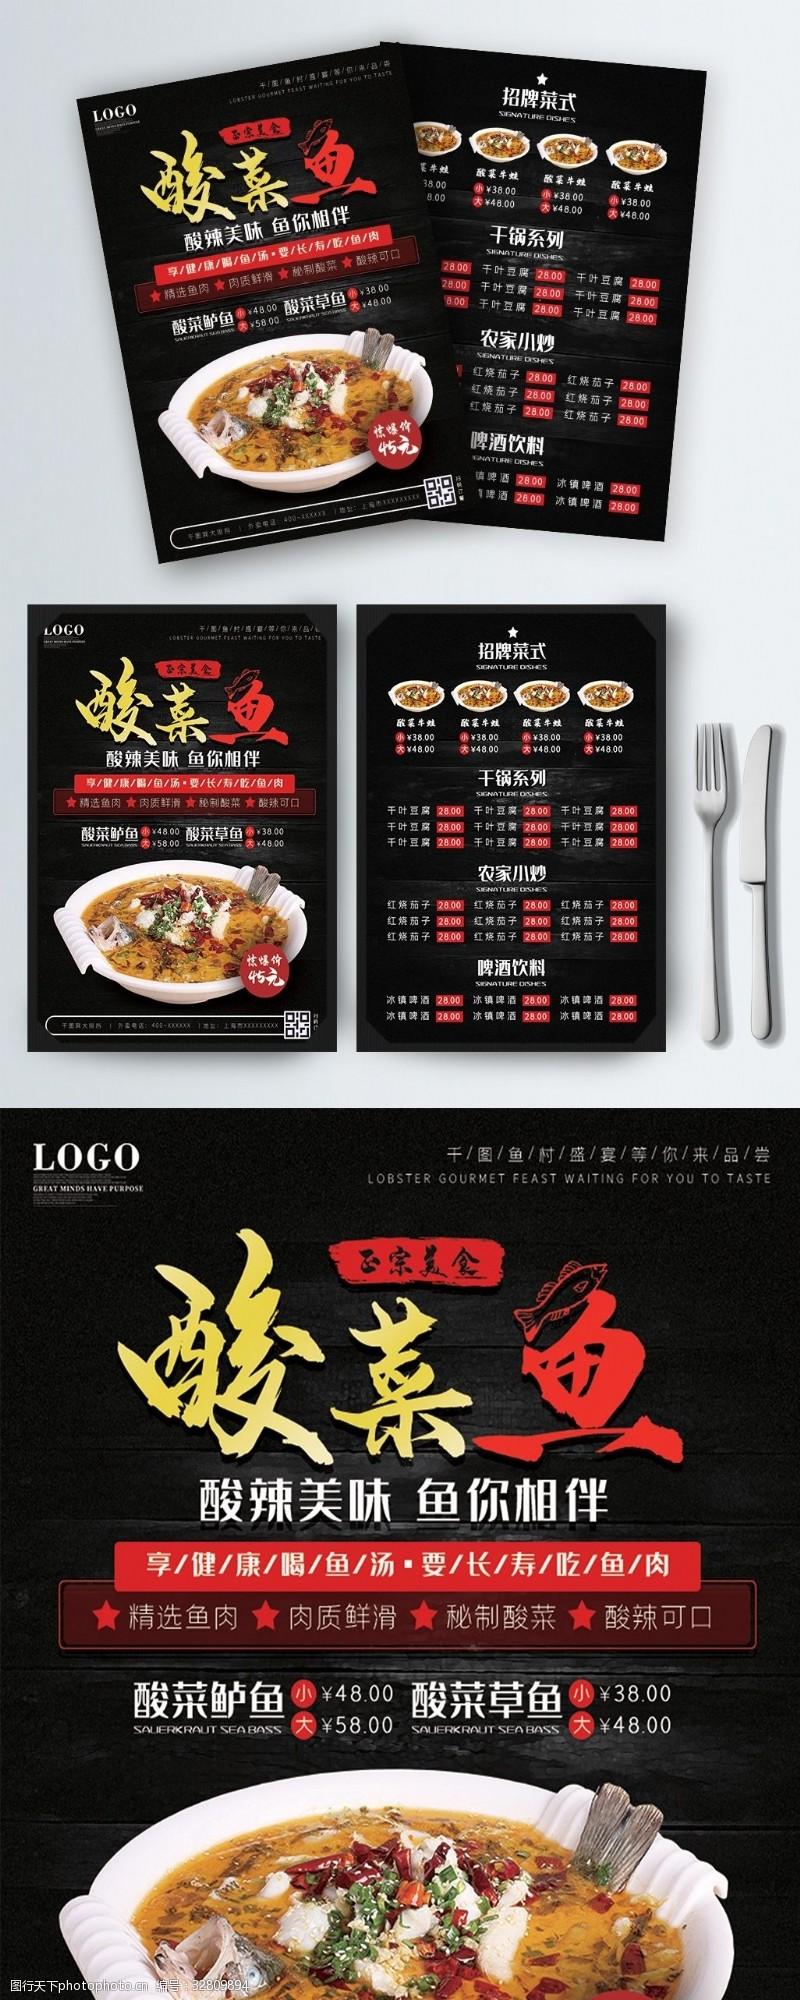 美食城宣传单海鲜城酸菜鱼餐厅酒店宣传单菜谱菜单